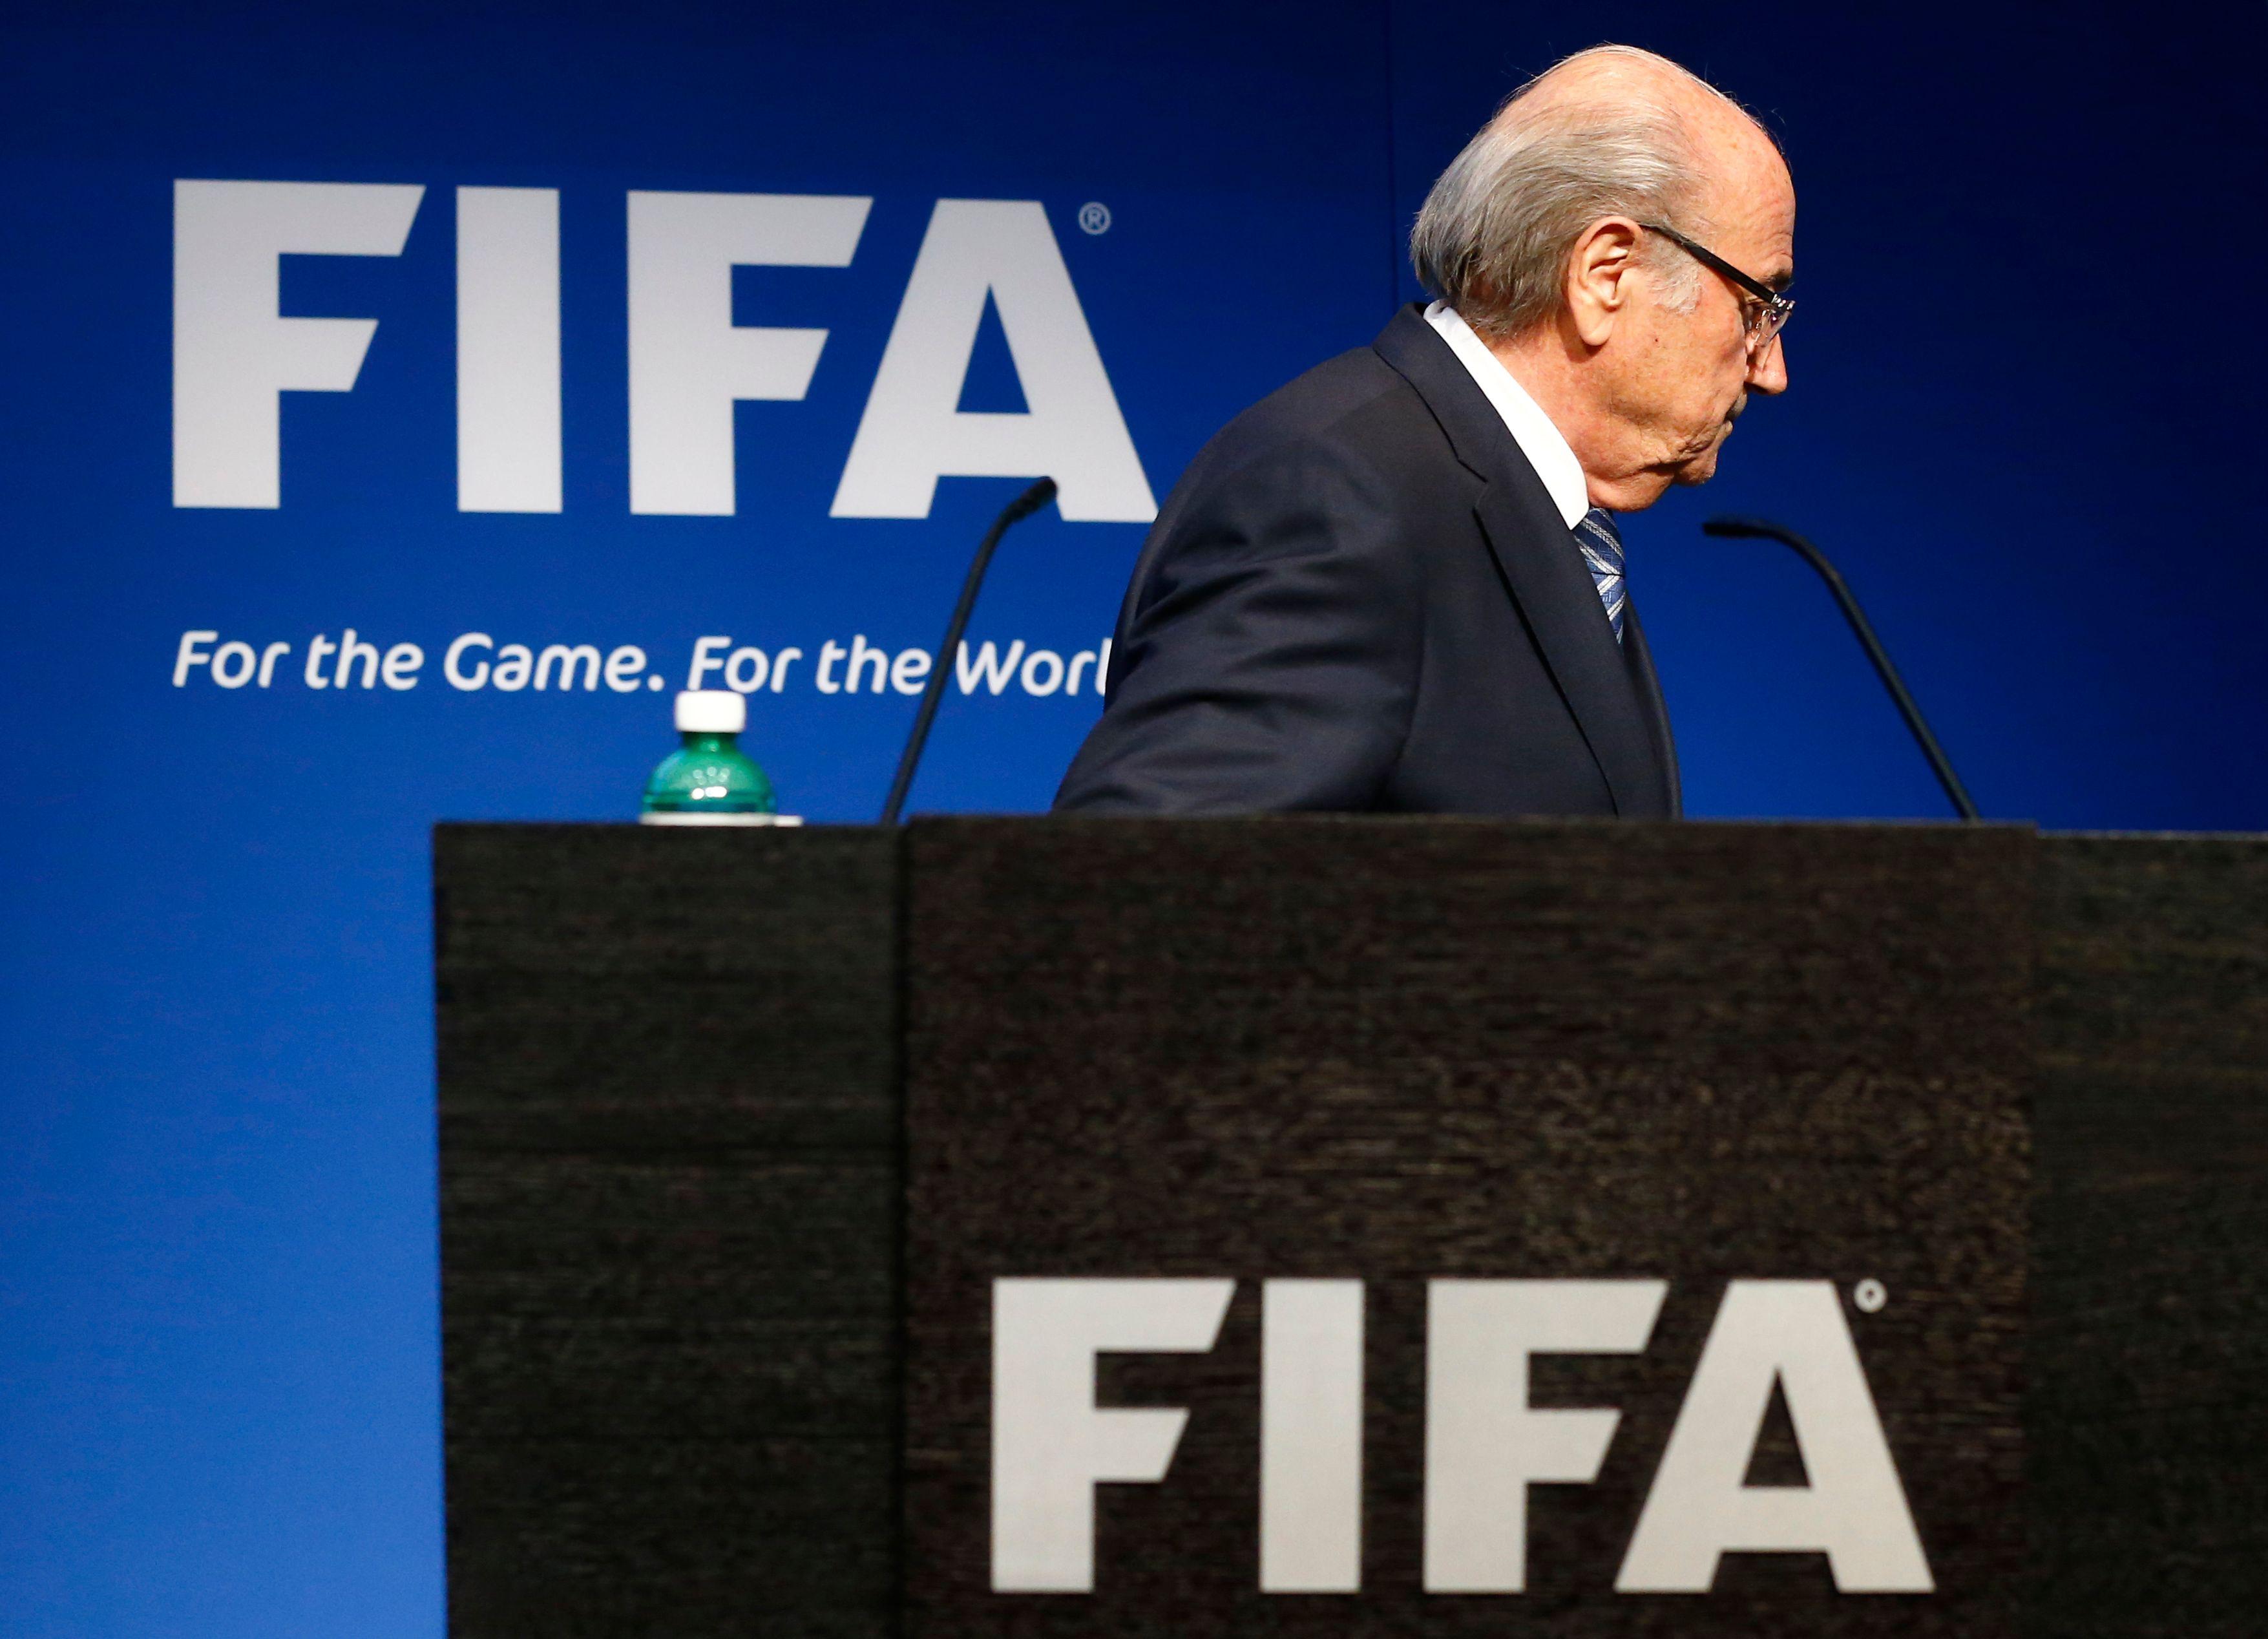 Le scandale de la FIFA : comment Blatter a pu conserver le pouvoir aussi longtemps